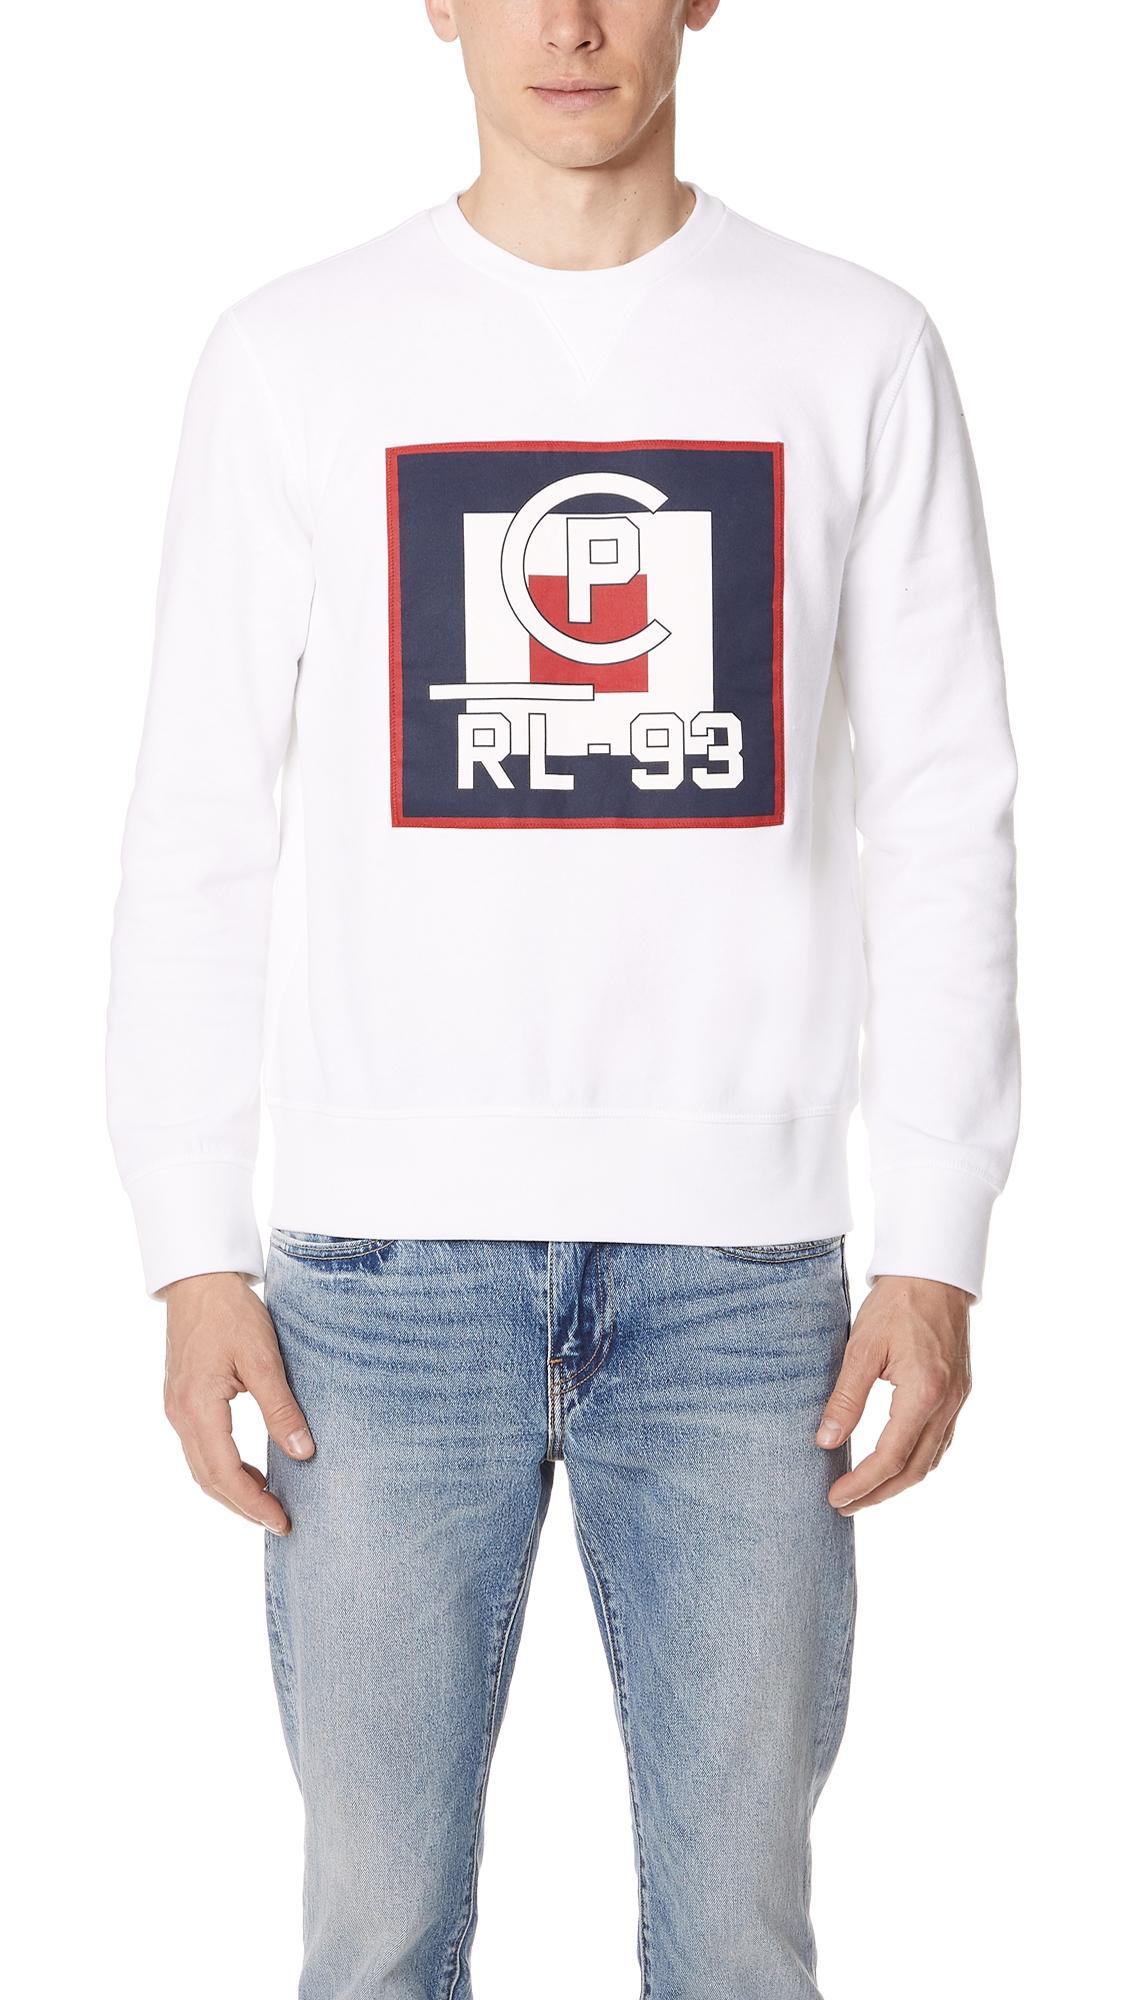 White Magic White Magic In In Magic Sweatshirt Sweatshirt Fleece Fleece 0PnOk8w